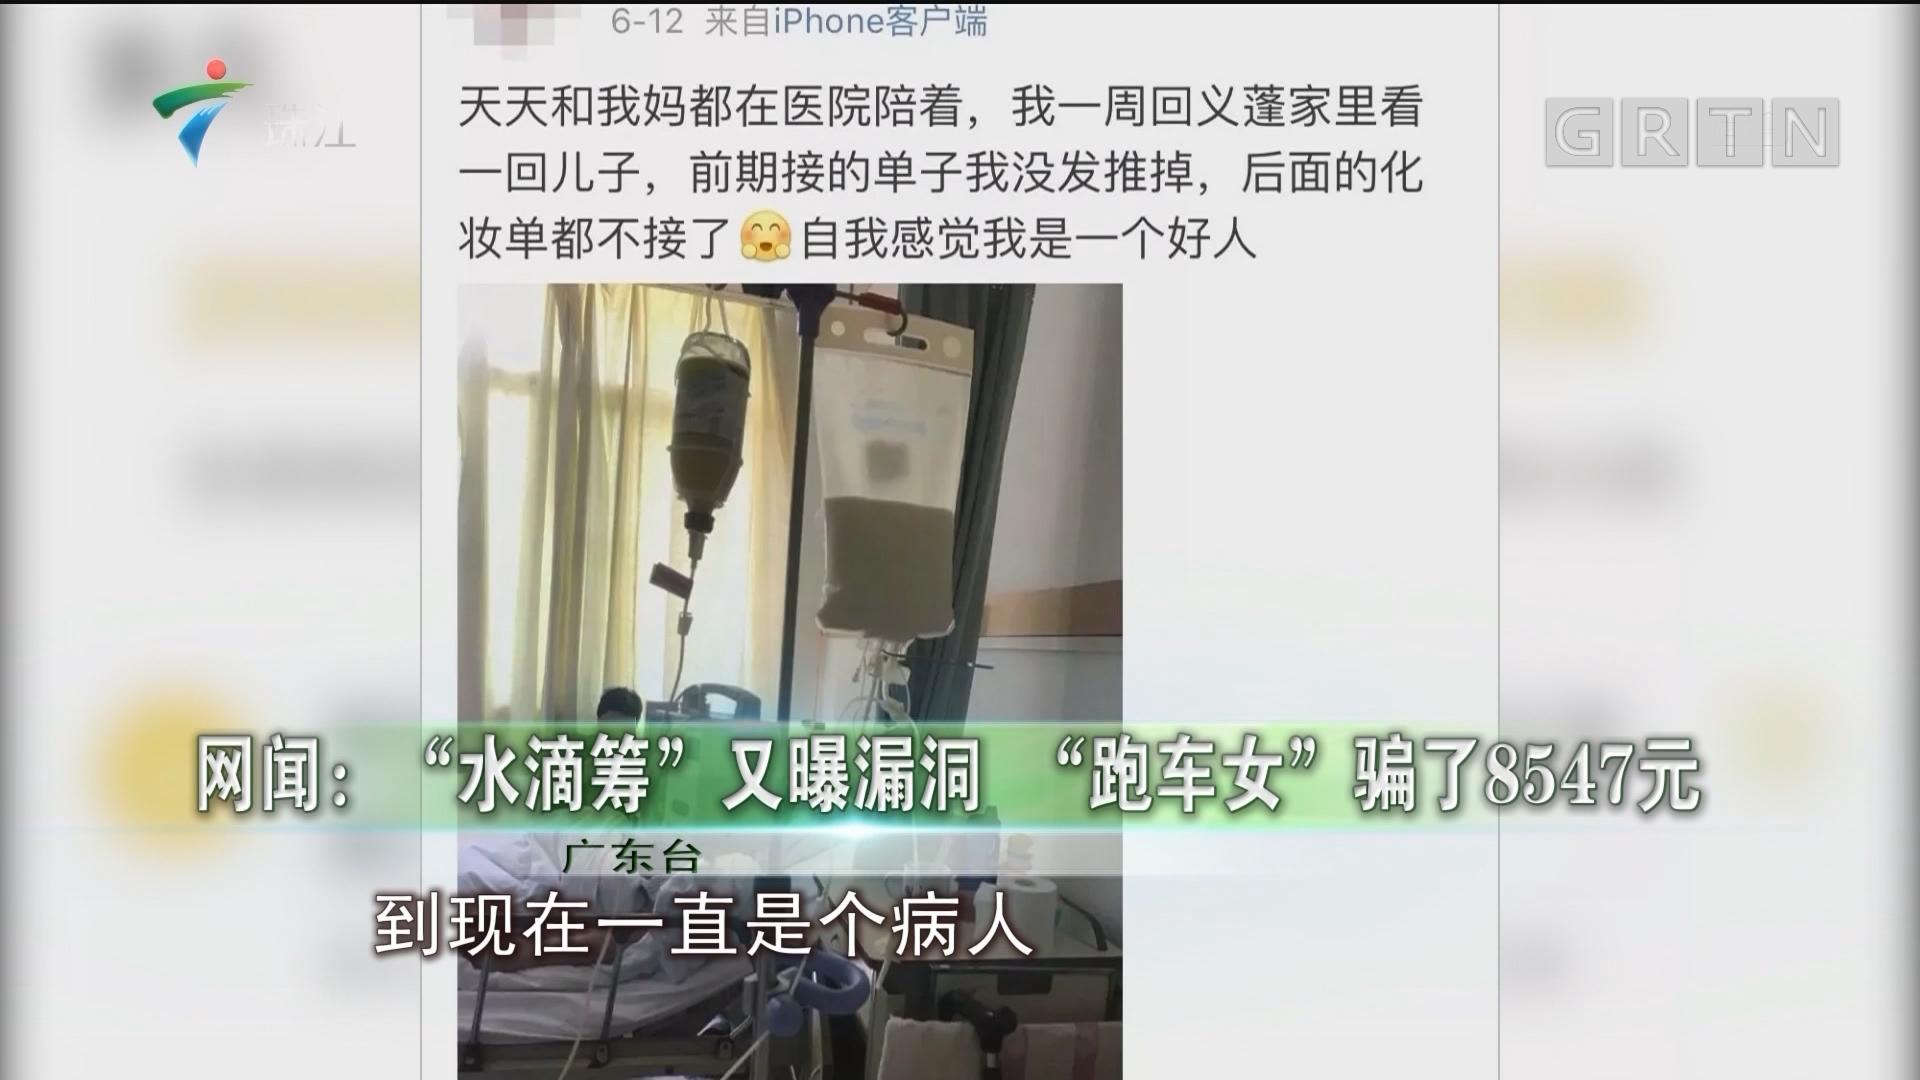 """网闻:""""水滴筹""""又曝漏洞 """"跑车女""""骗了8547元"""